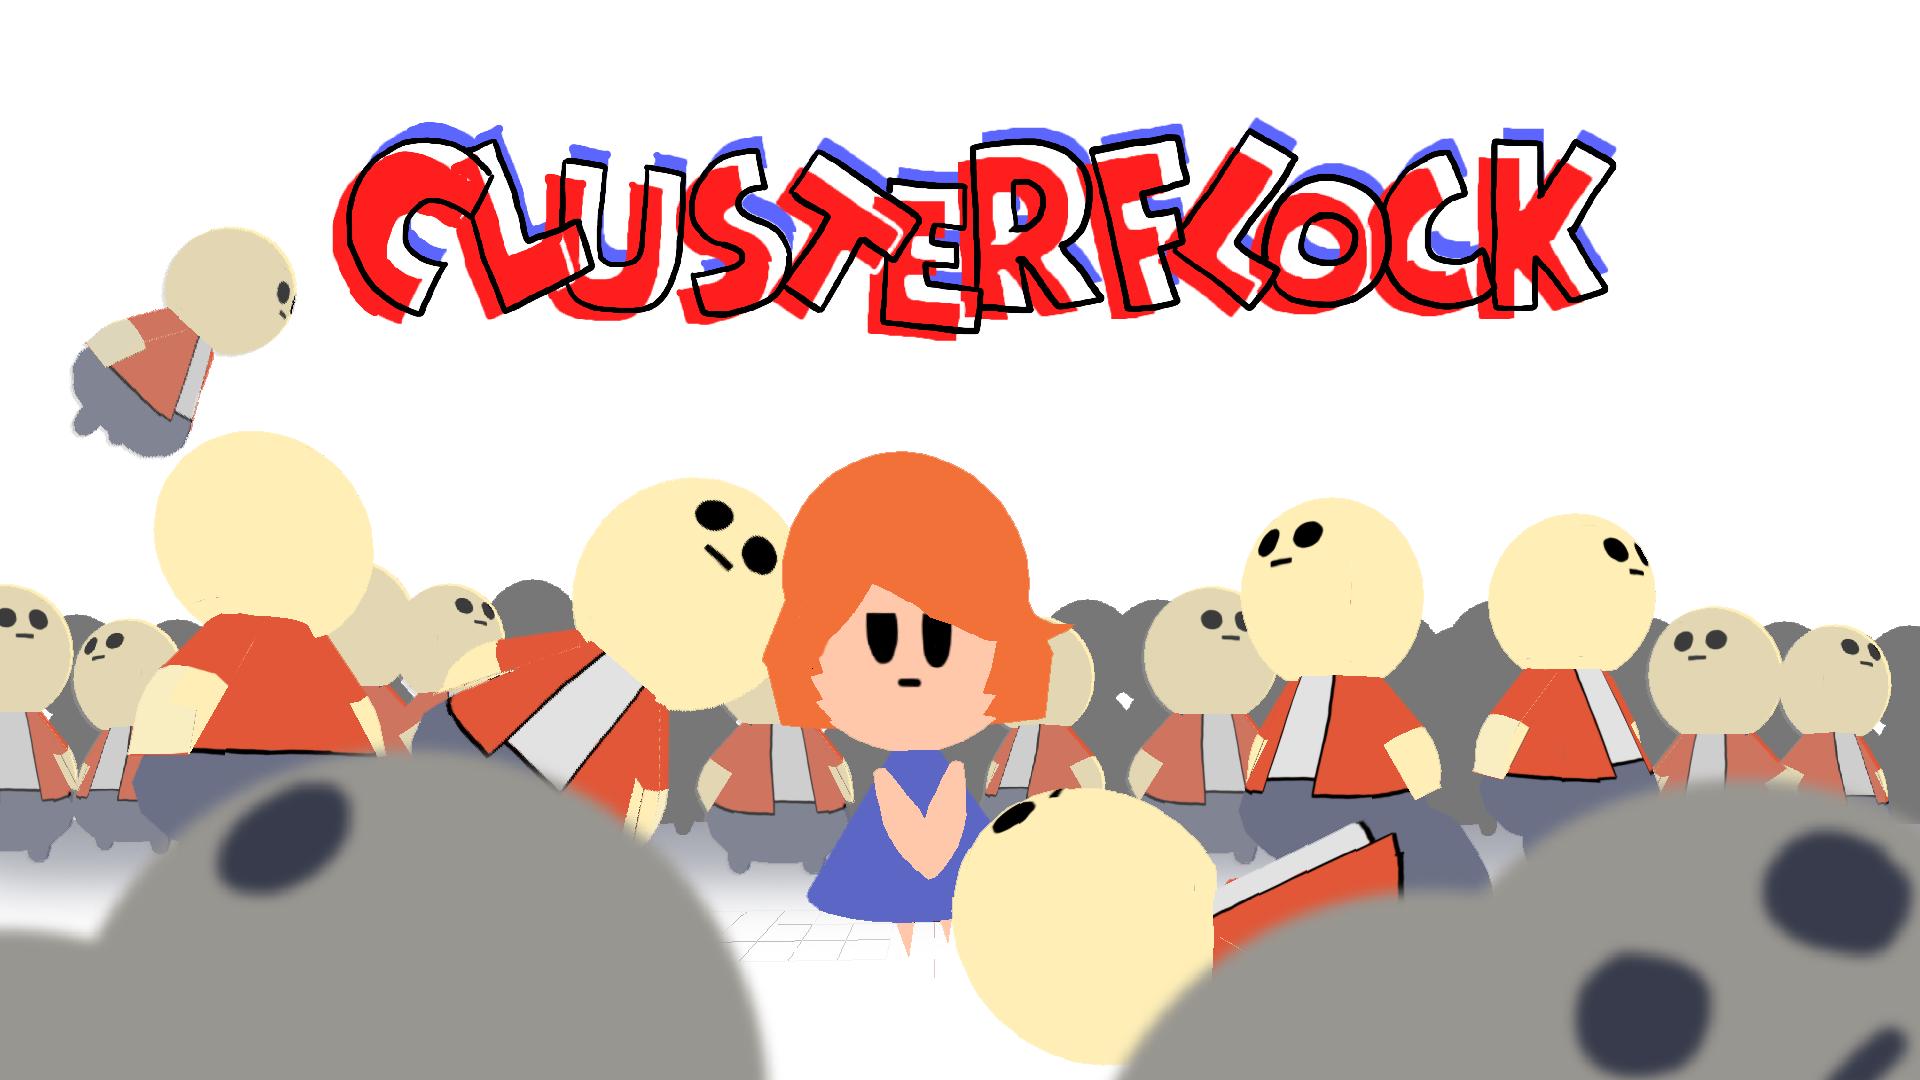 Clusterflock